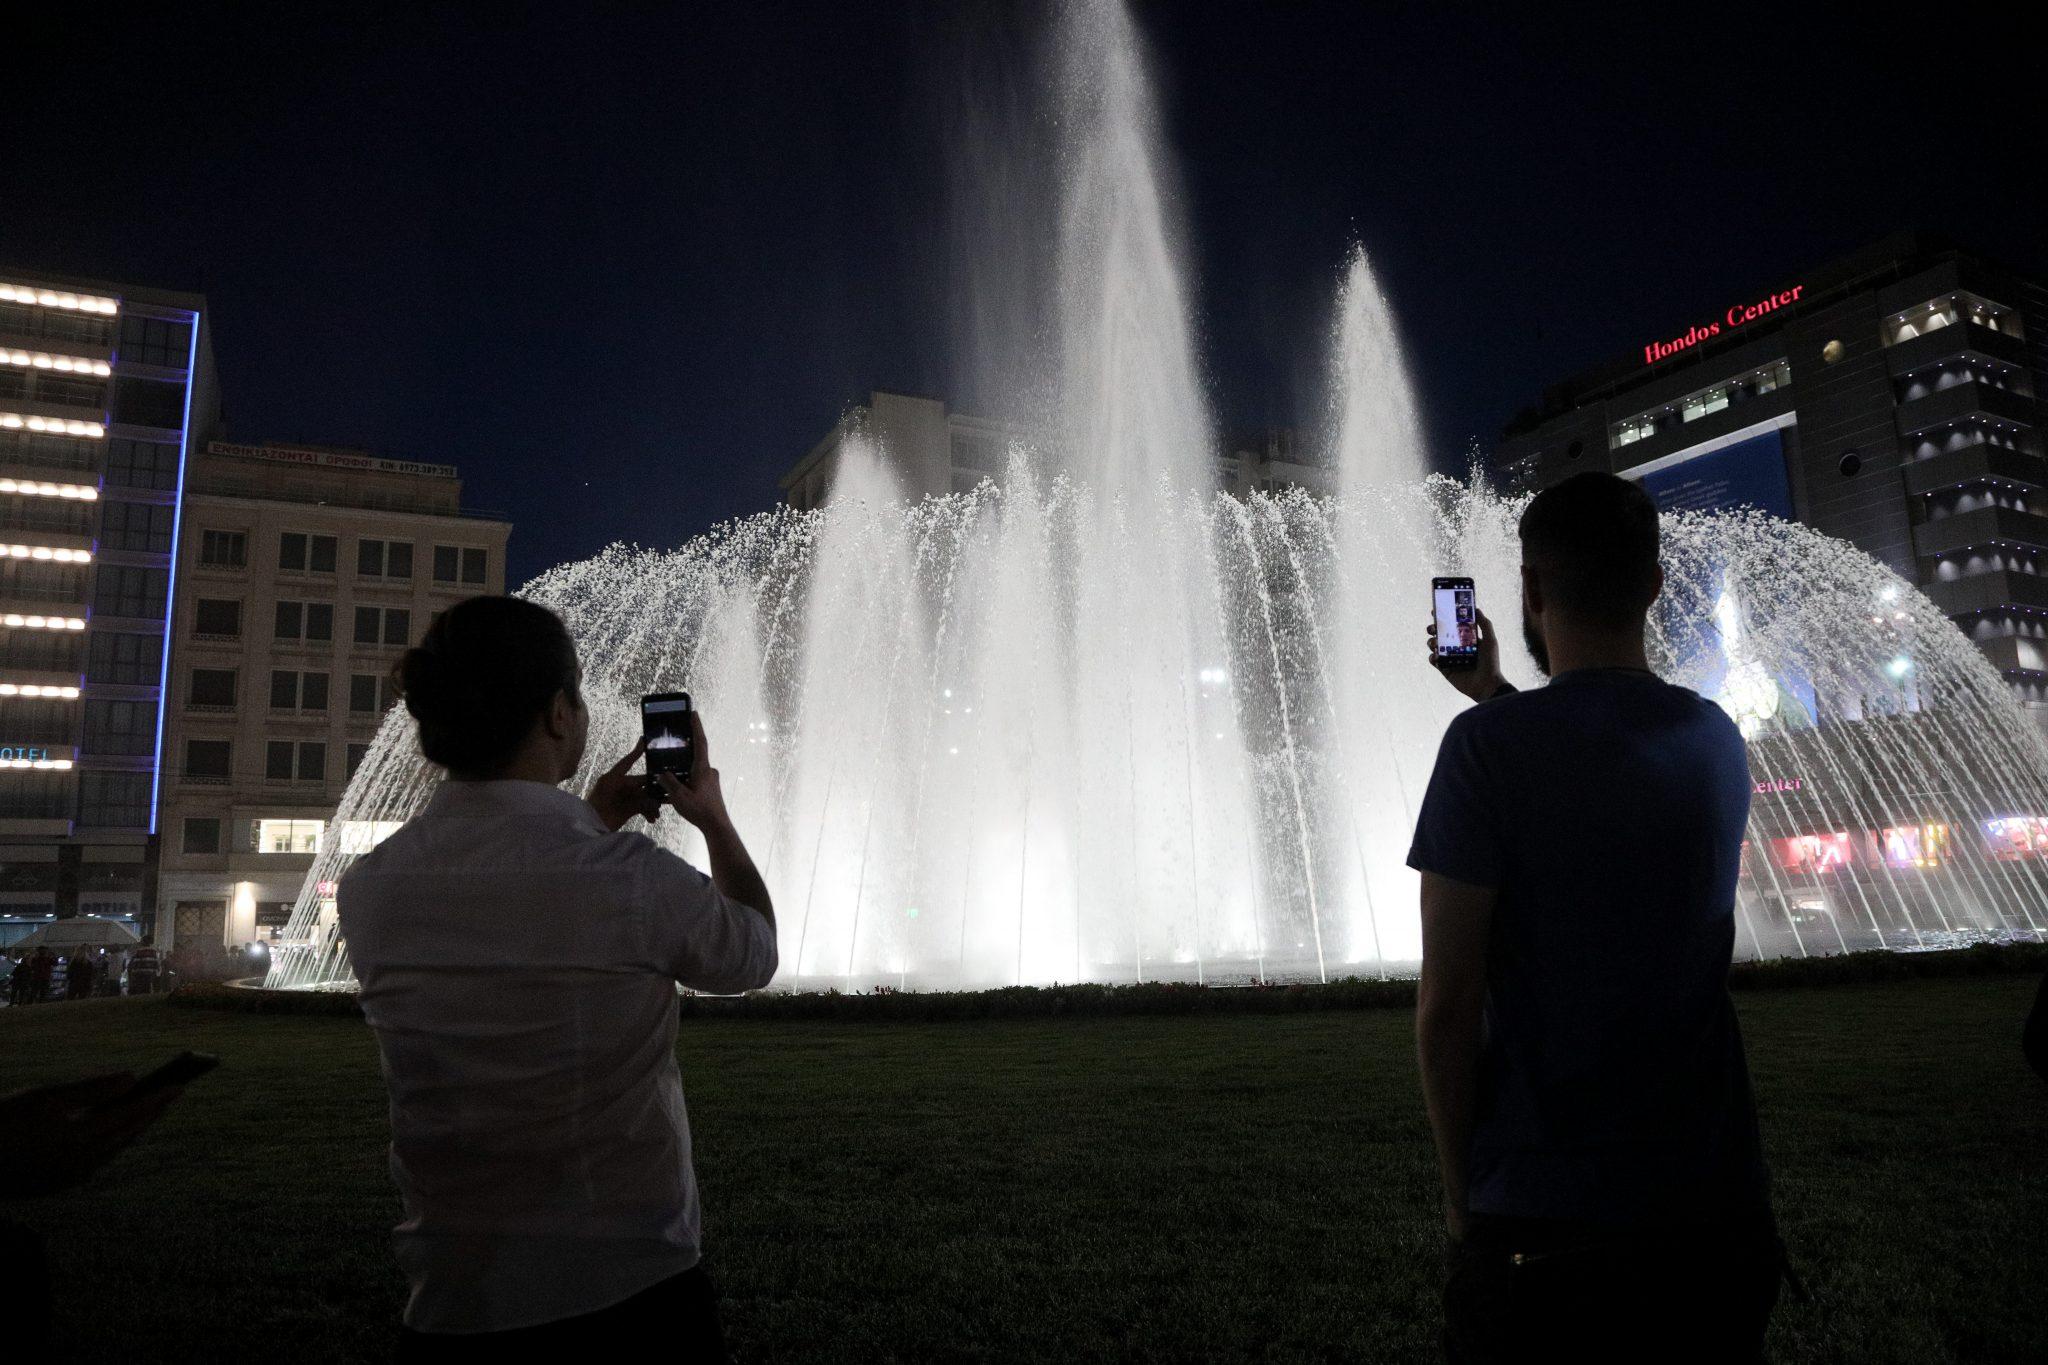 Διαθέσιμη και επίσημα η πλατεία Ομόνοιας - Το σιντριβάνι και τα χαρακτηριστικά του